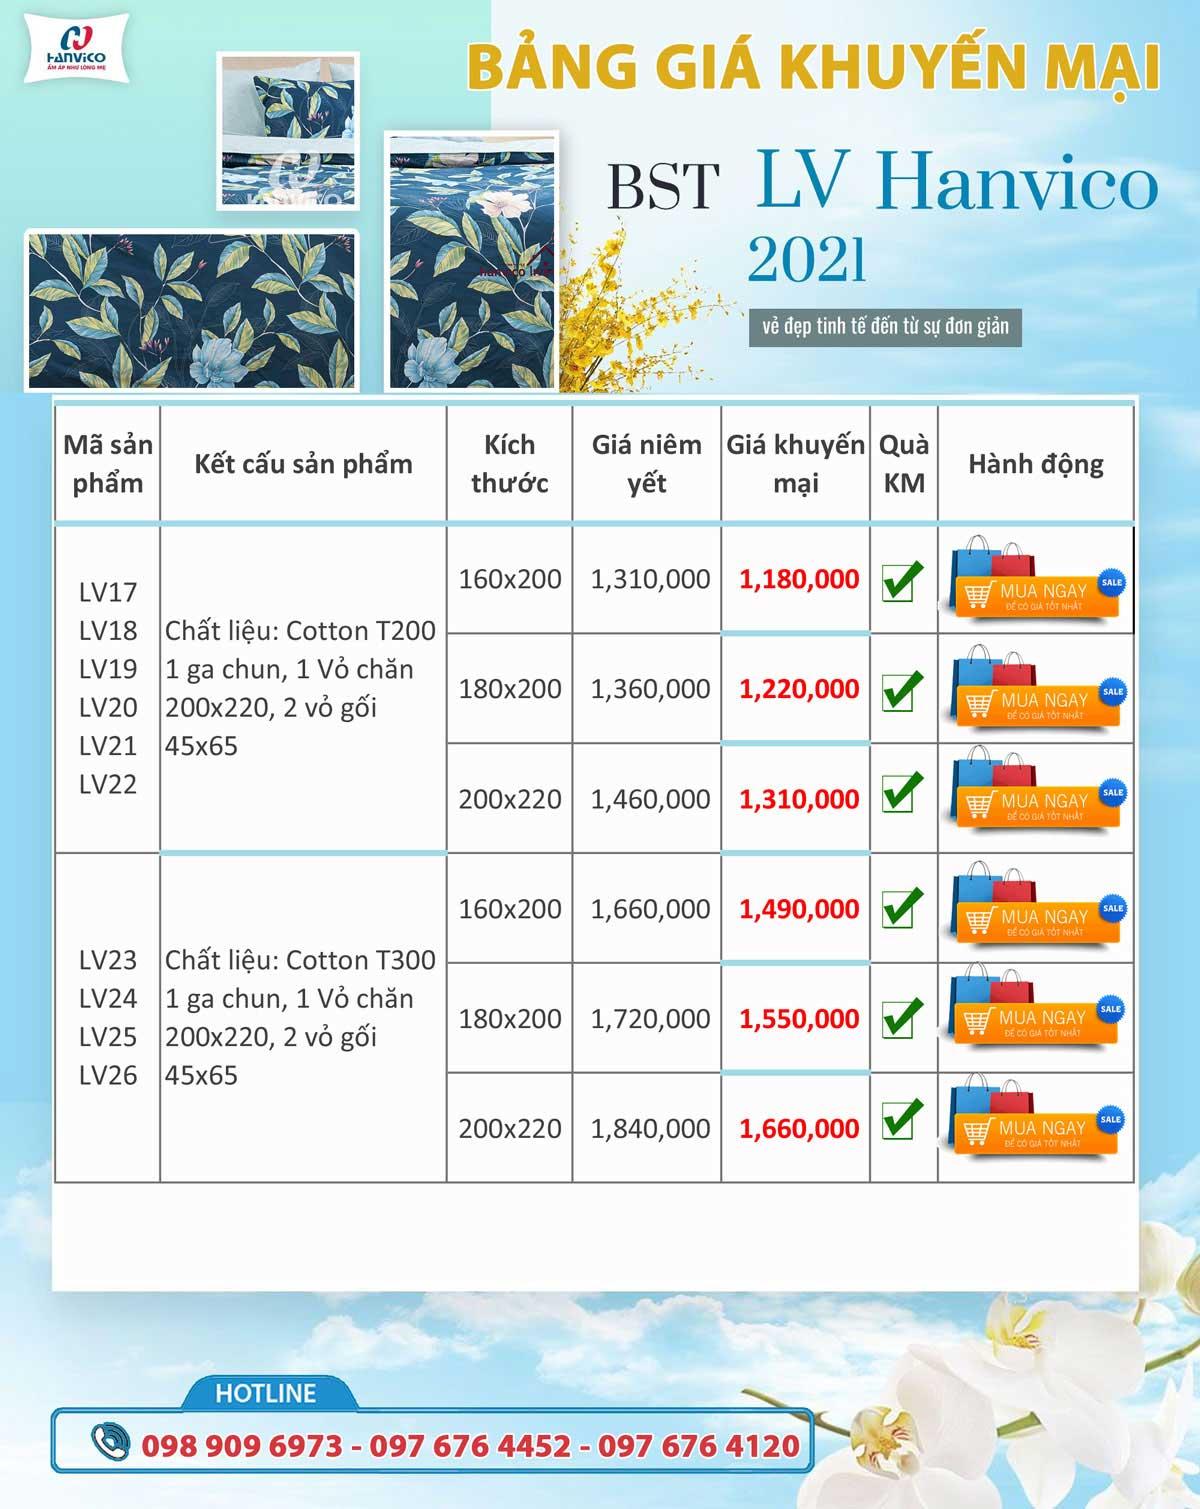 Bảng giá khuyến mại bộ sưu tập Hanvico Livng LV 23